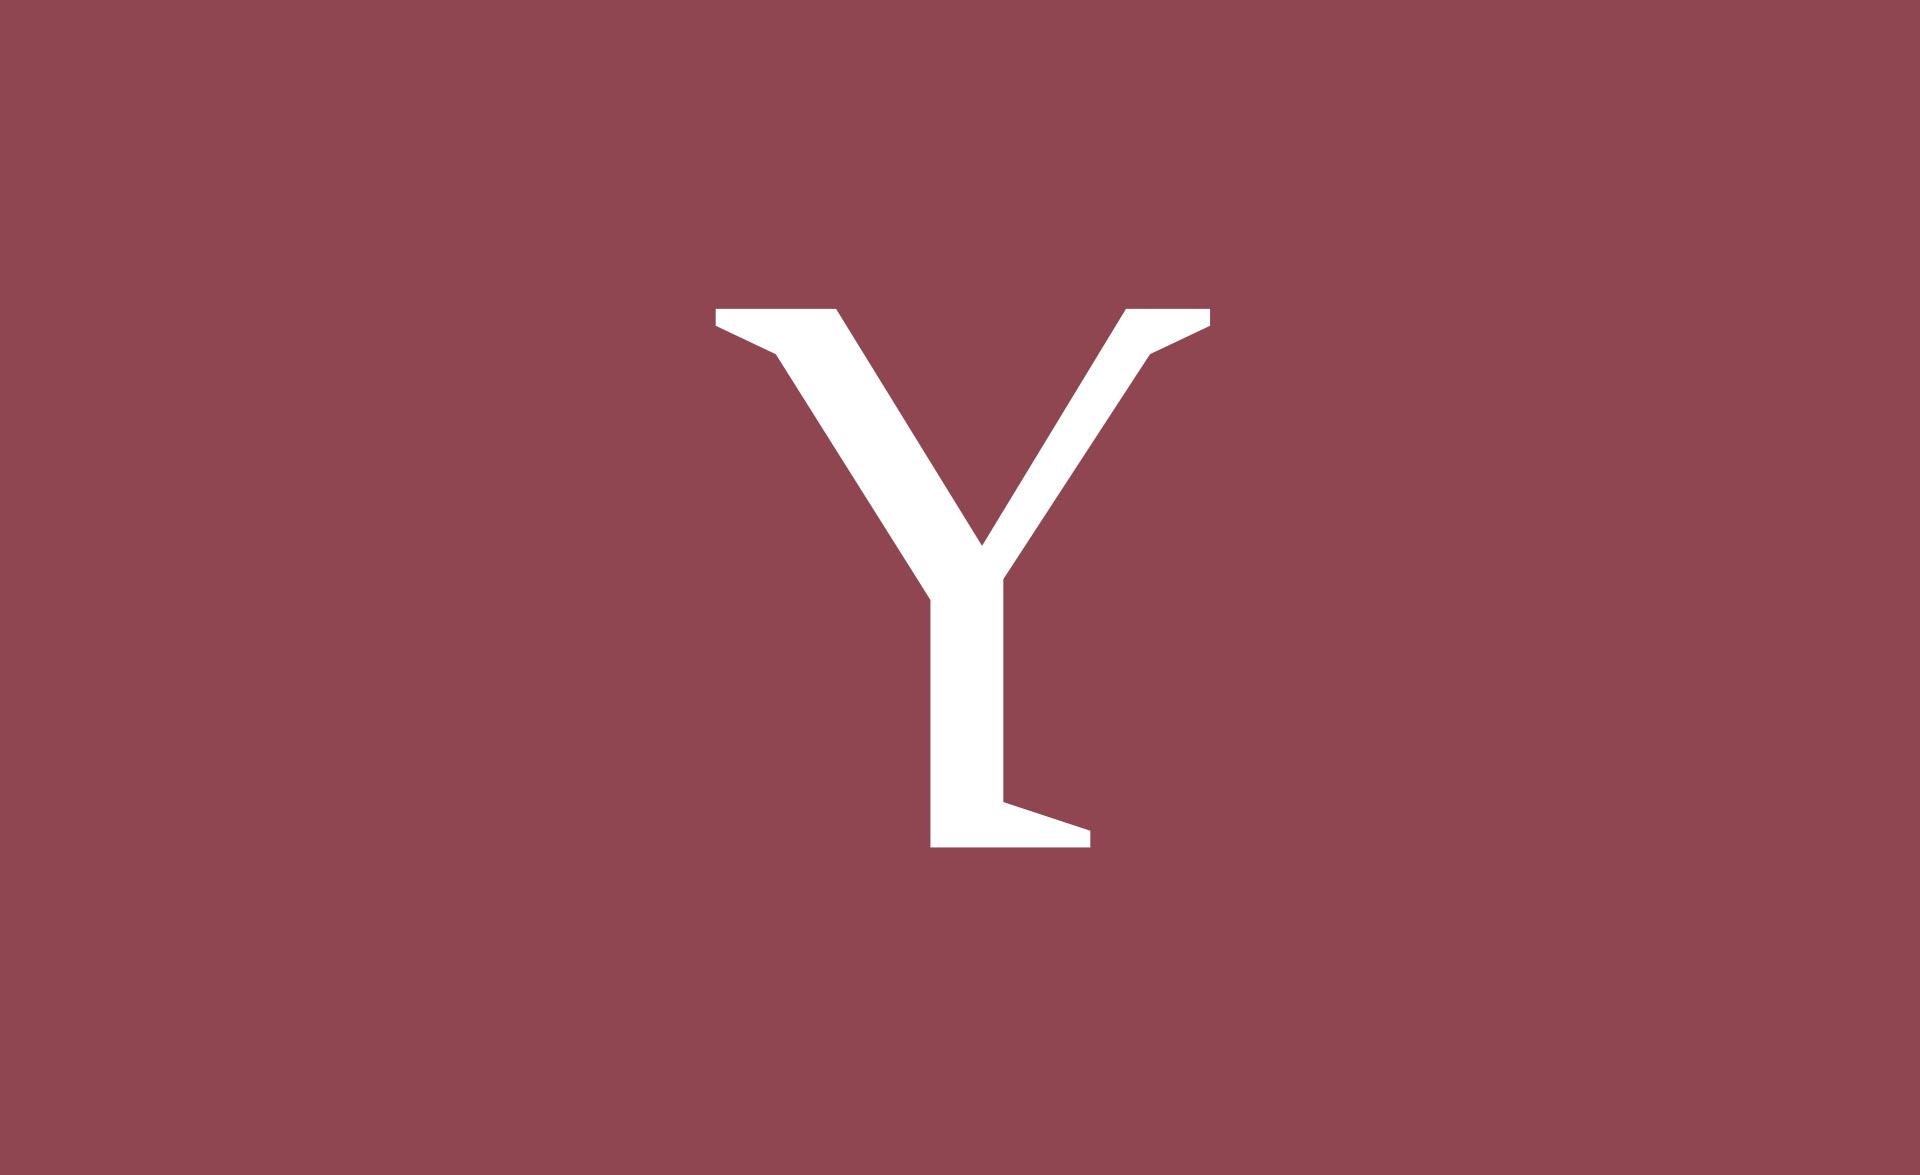 sall-hyman-logo-detail-3.jpg